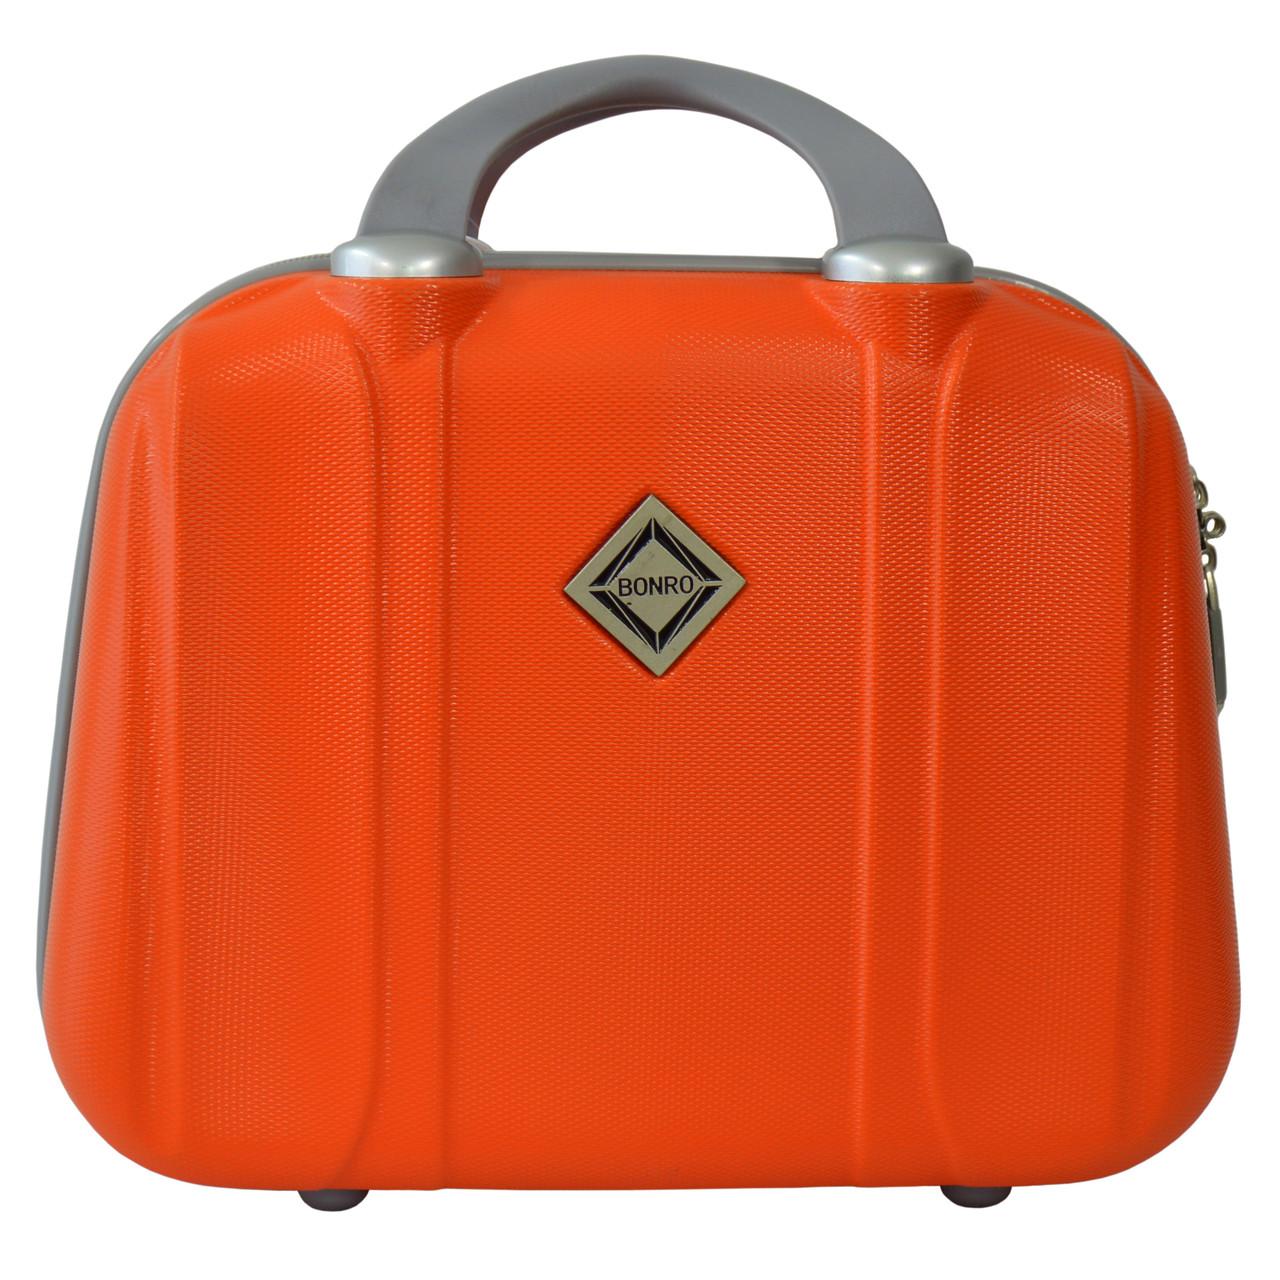 Сумка кейс саквояж Bonro Smile (небольшой) оранжевый (orange 609)